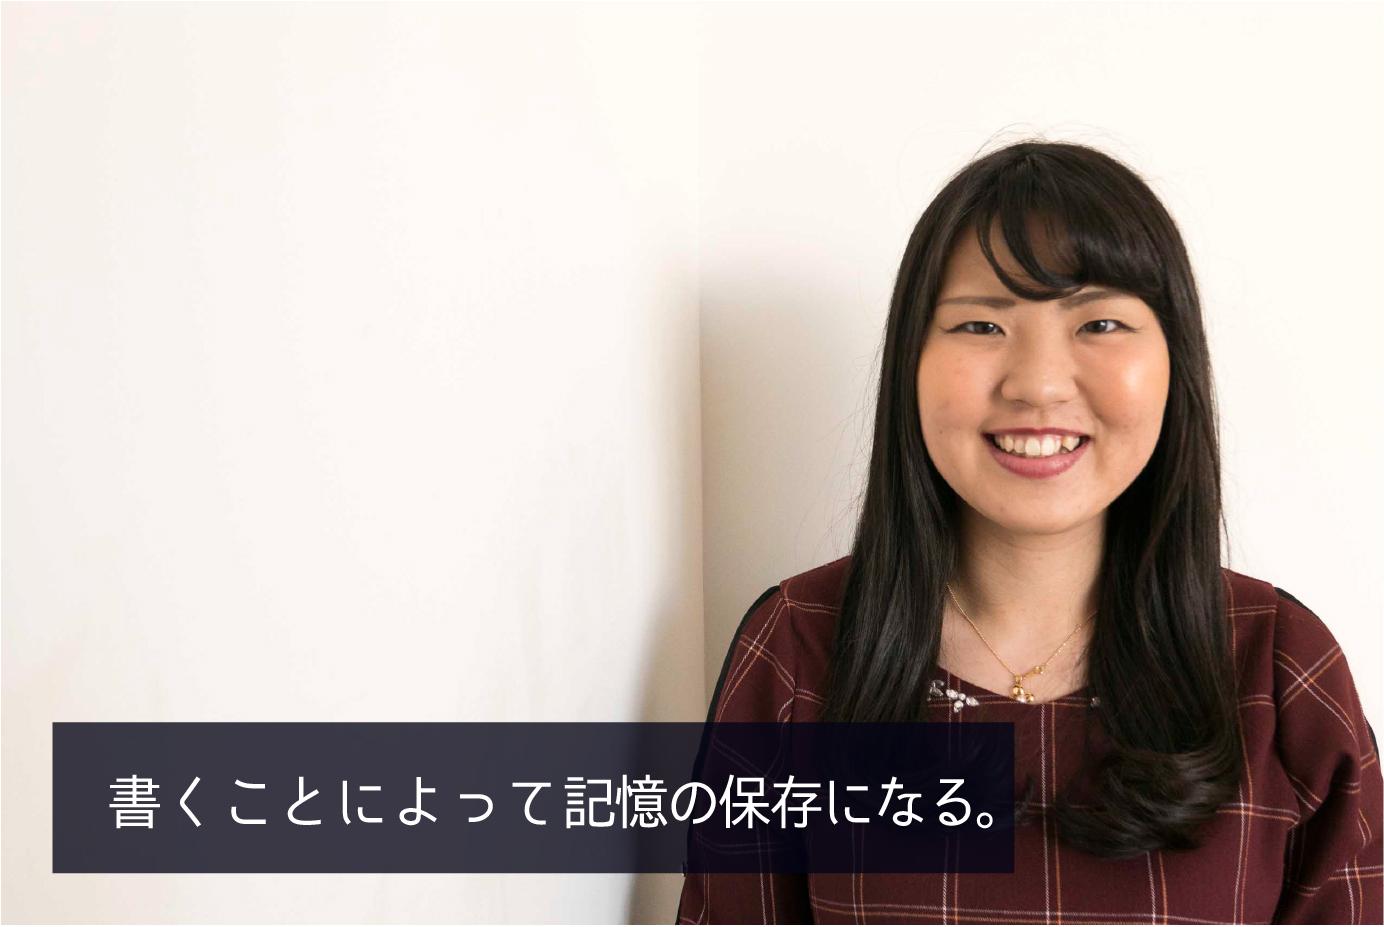 【作家インタビュー②】山崎陽が語るタビノコトバ